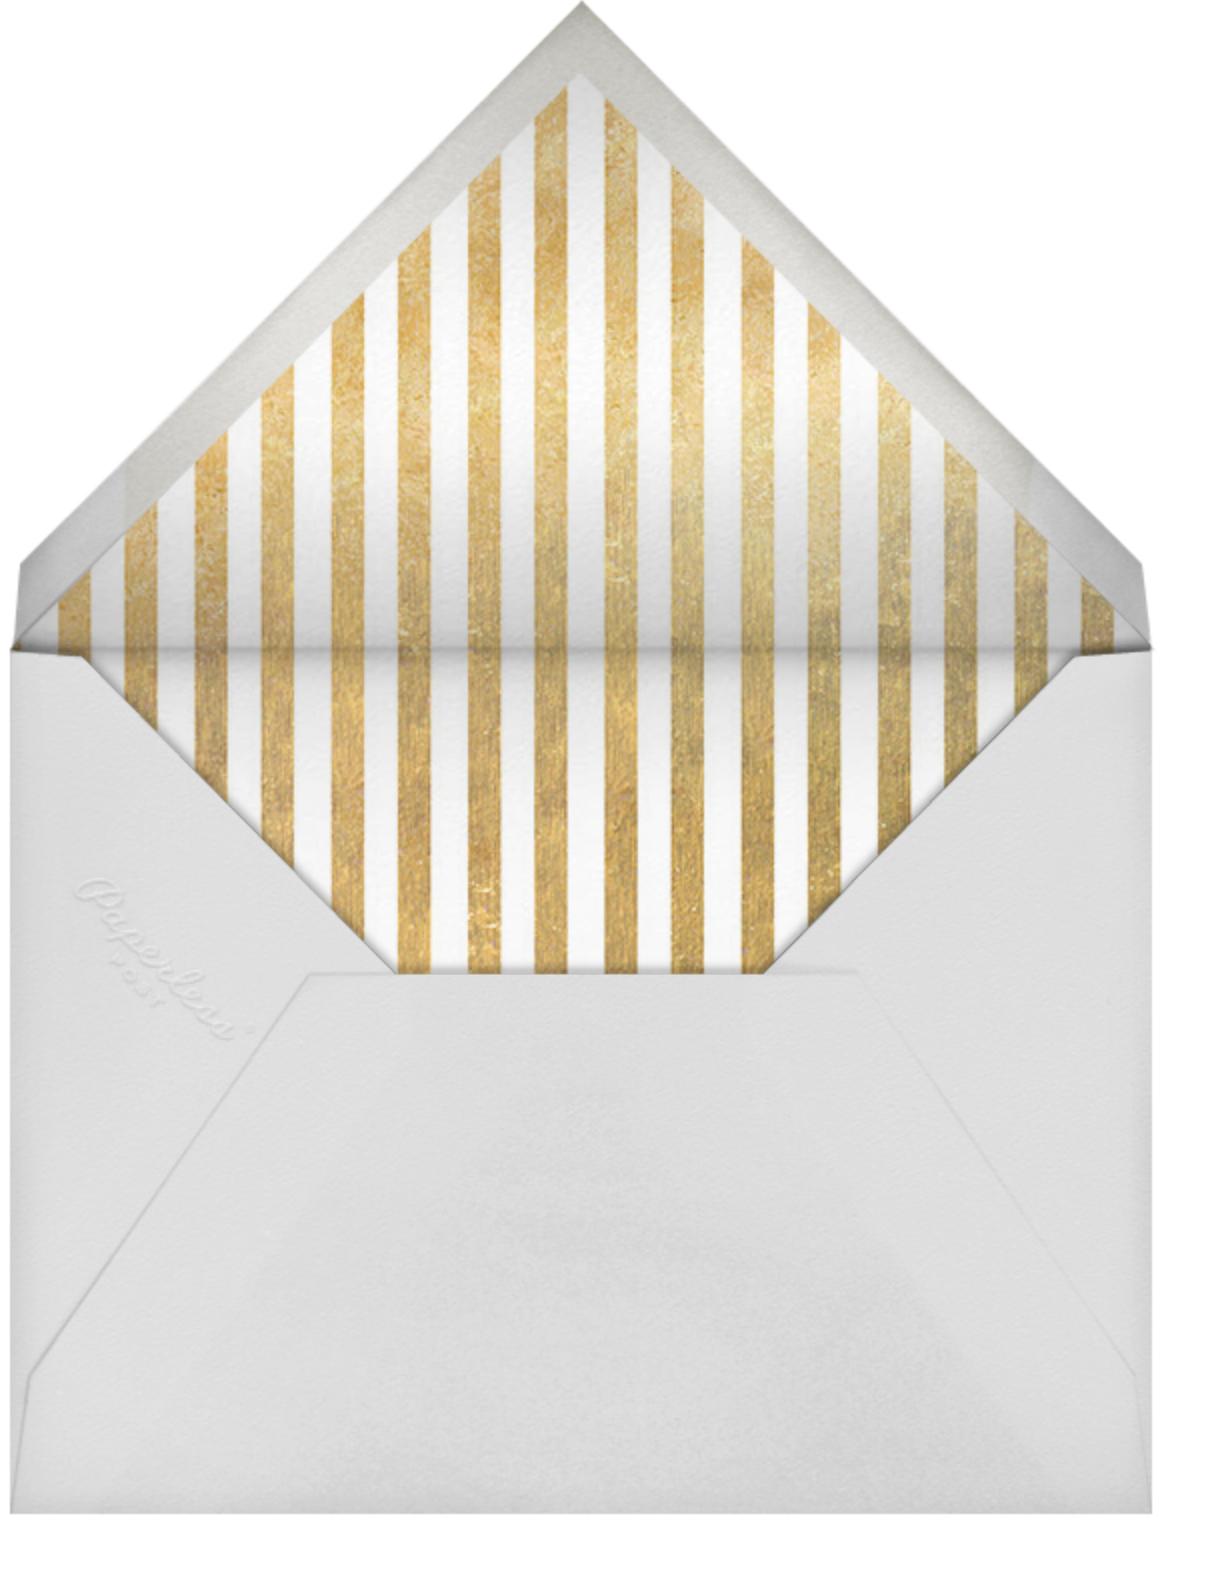 Nixon - Silver - Jonathan Adler - null - envelope back